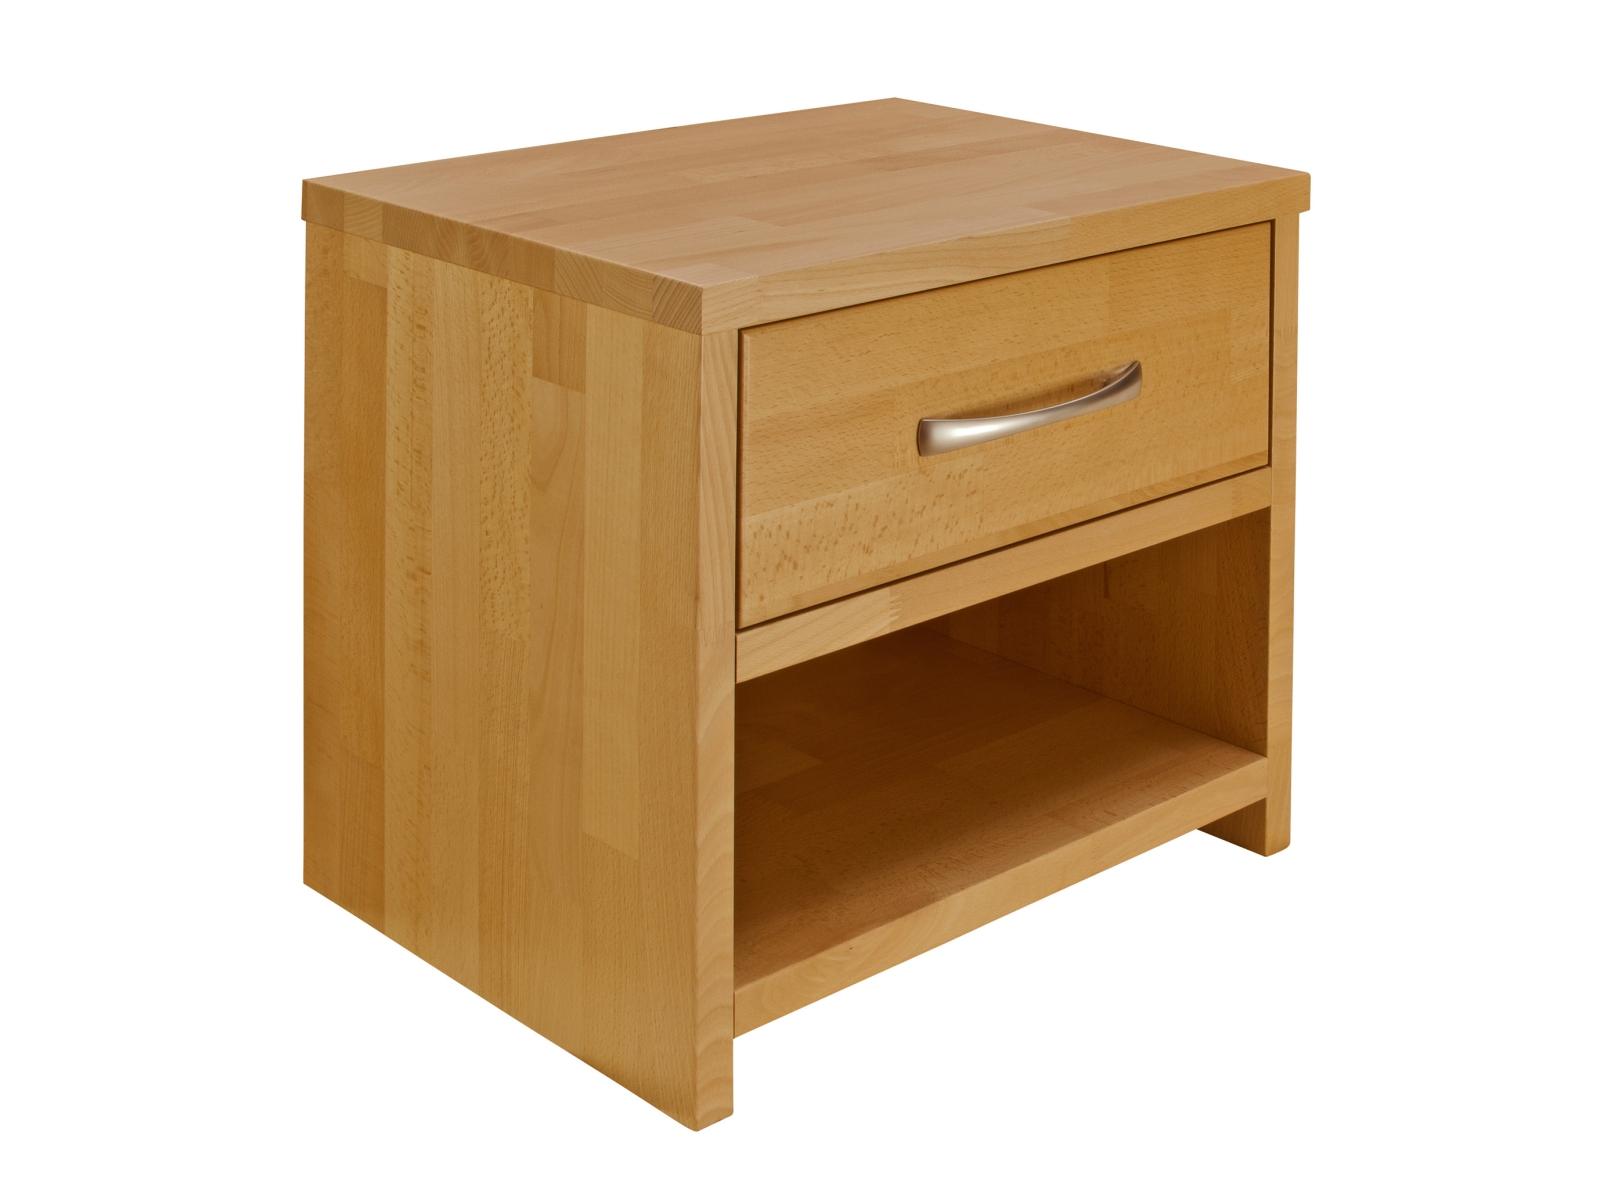 Noční stolek - Purtex - Masiv se zásuvkou (masiv)